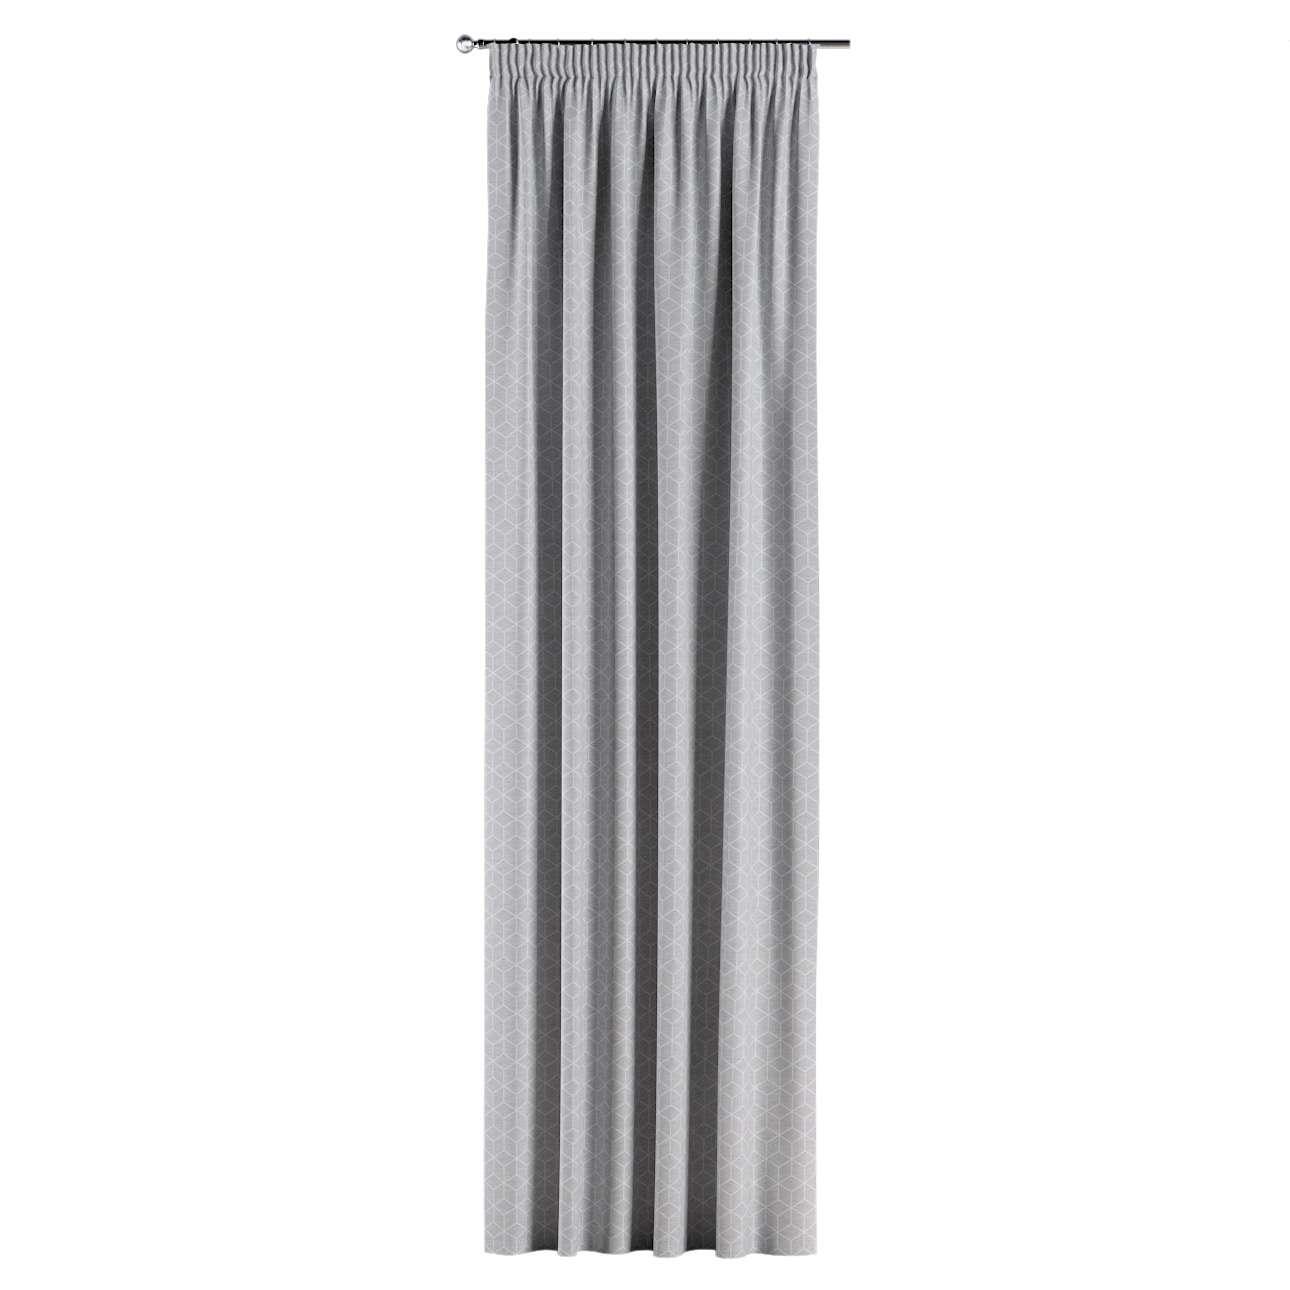 Vorhang mit Kräuselband von der Kollektion Sunny, Stoff: 143-50